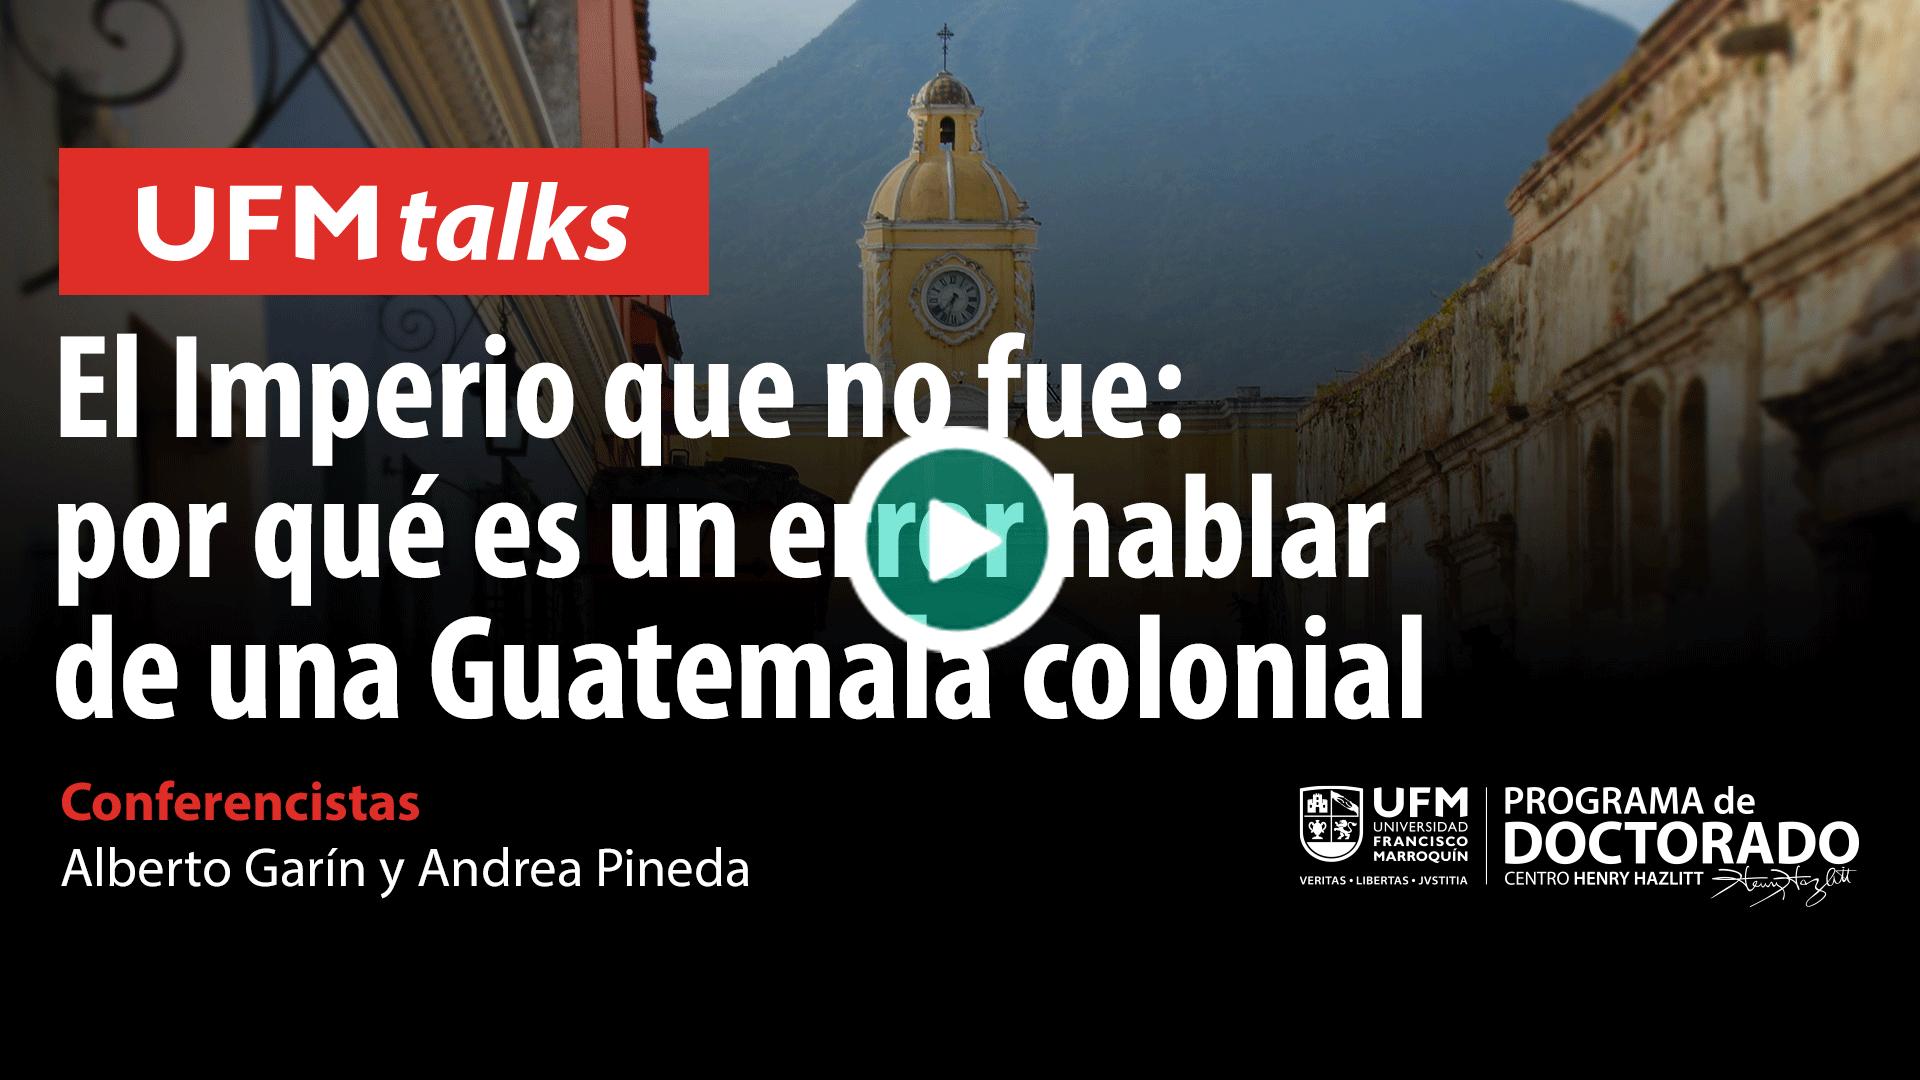 20200625_ufmtalks11_El-imperio-que-no-fue,-por-qué-es-un-error-hablar-de-una-Guatemala-colonial